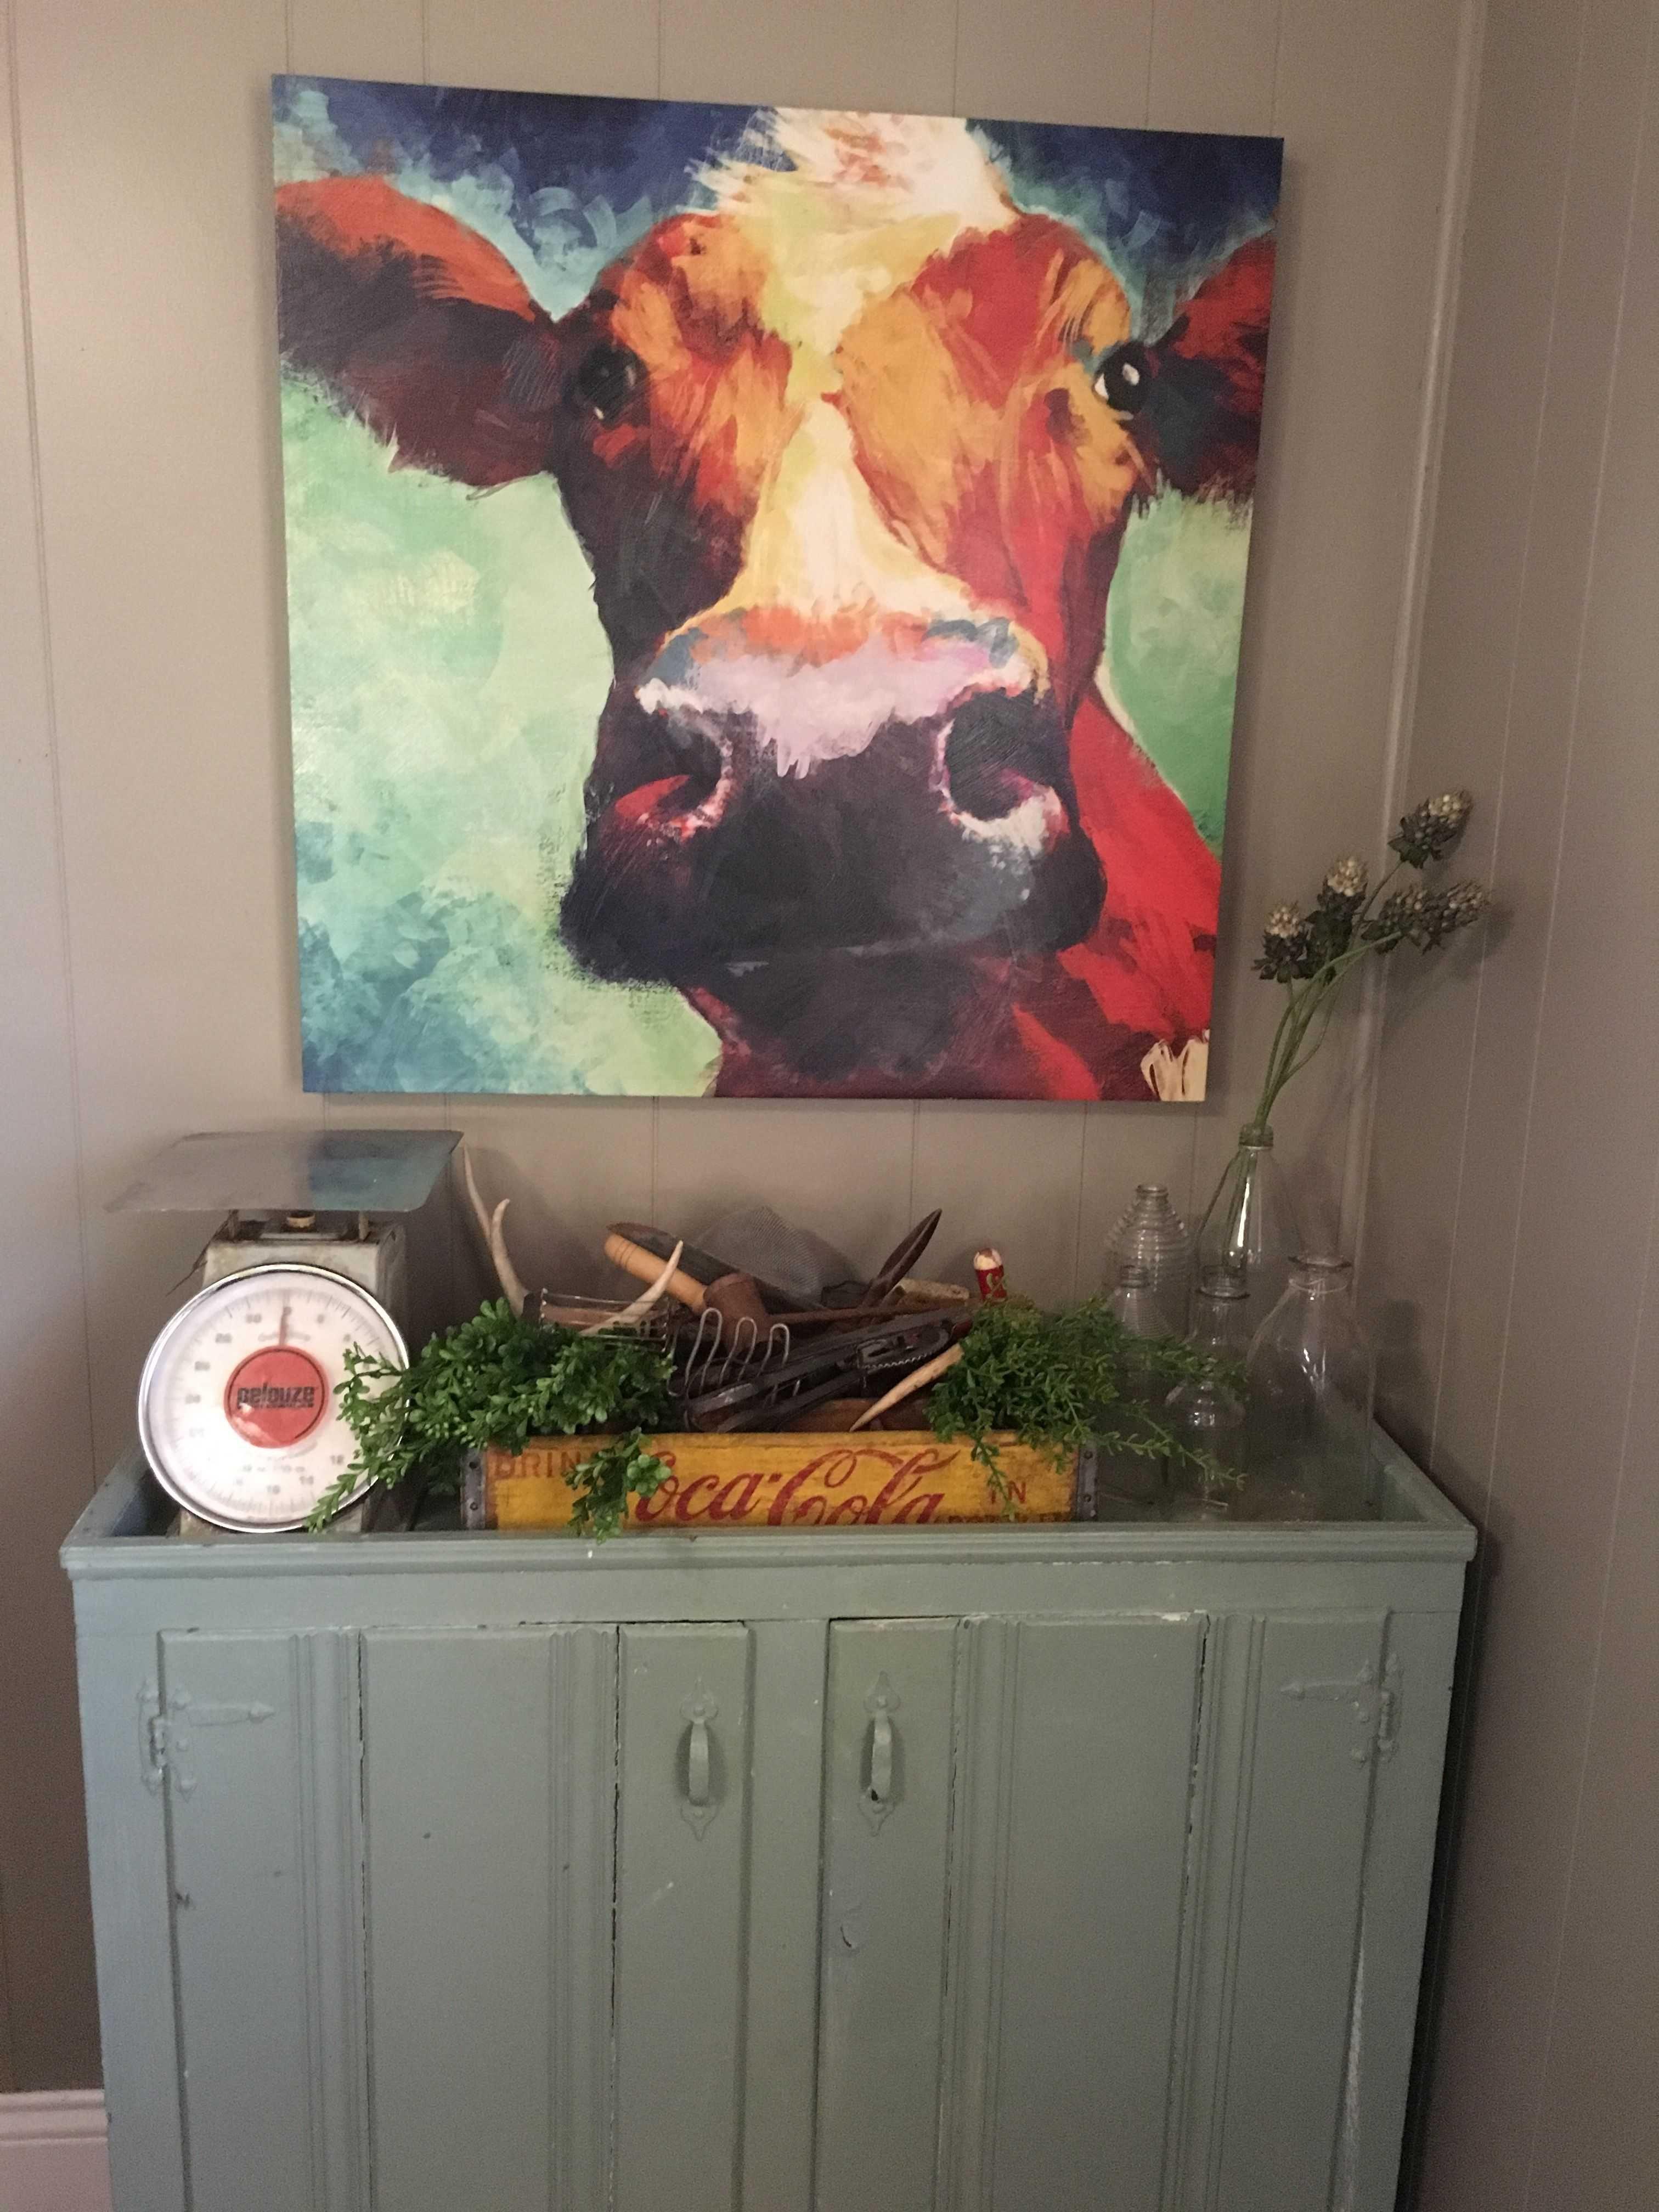 Farmhouse Bathroom Decor Hobby Lobby Fresh Farmhouse Bathroom Decor Hobby Lobby Rustic Farmhouse Cow Decor Kitchen Decor Hobby Lobby Unique Farmhouse Decor